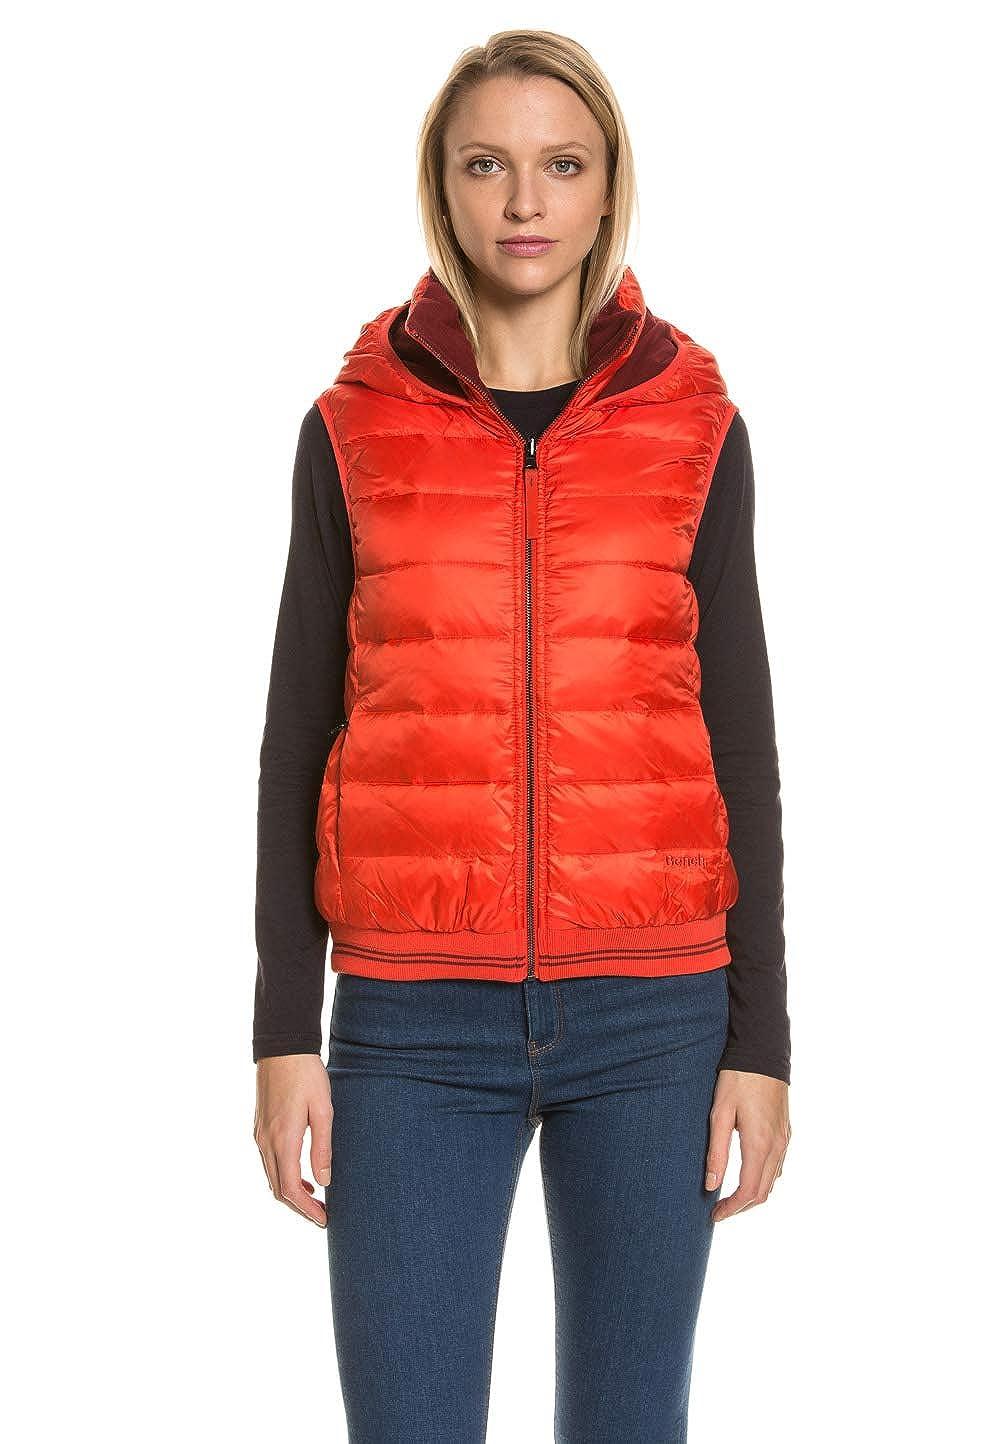 Bench Damen Outdoor Weste Reversible Vest